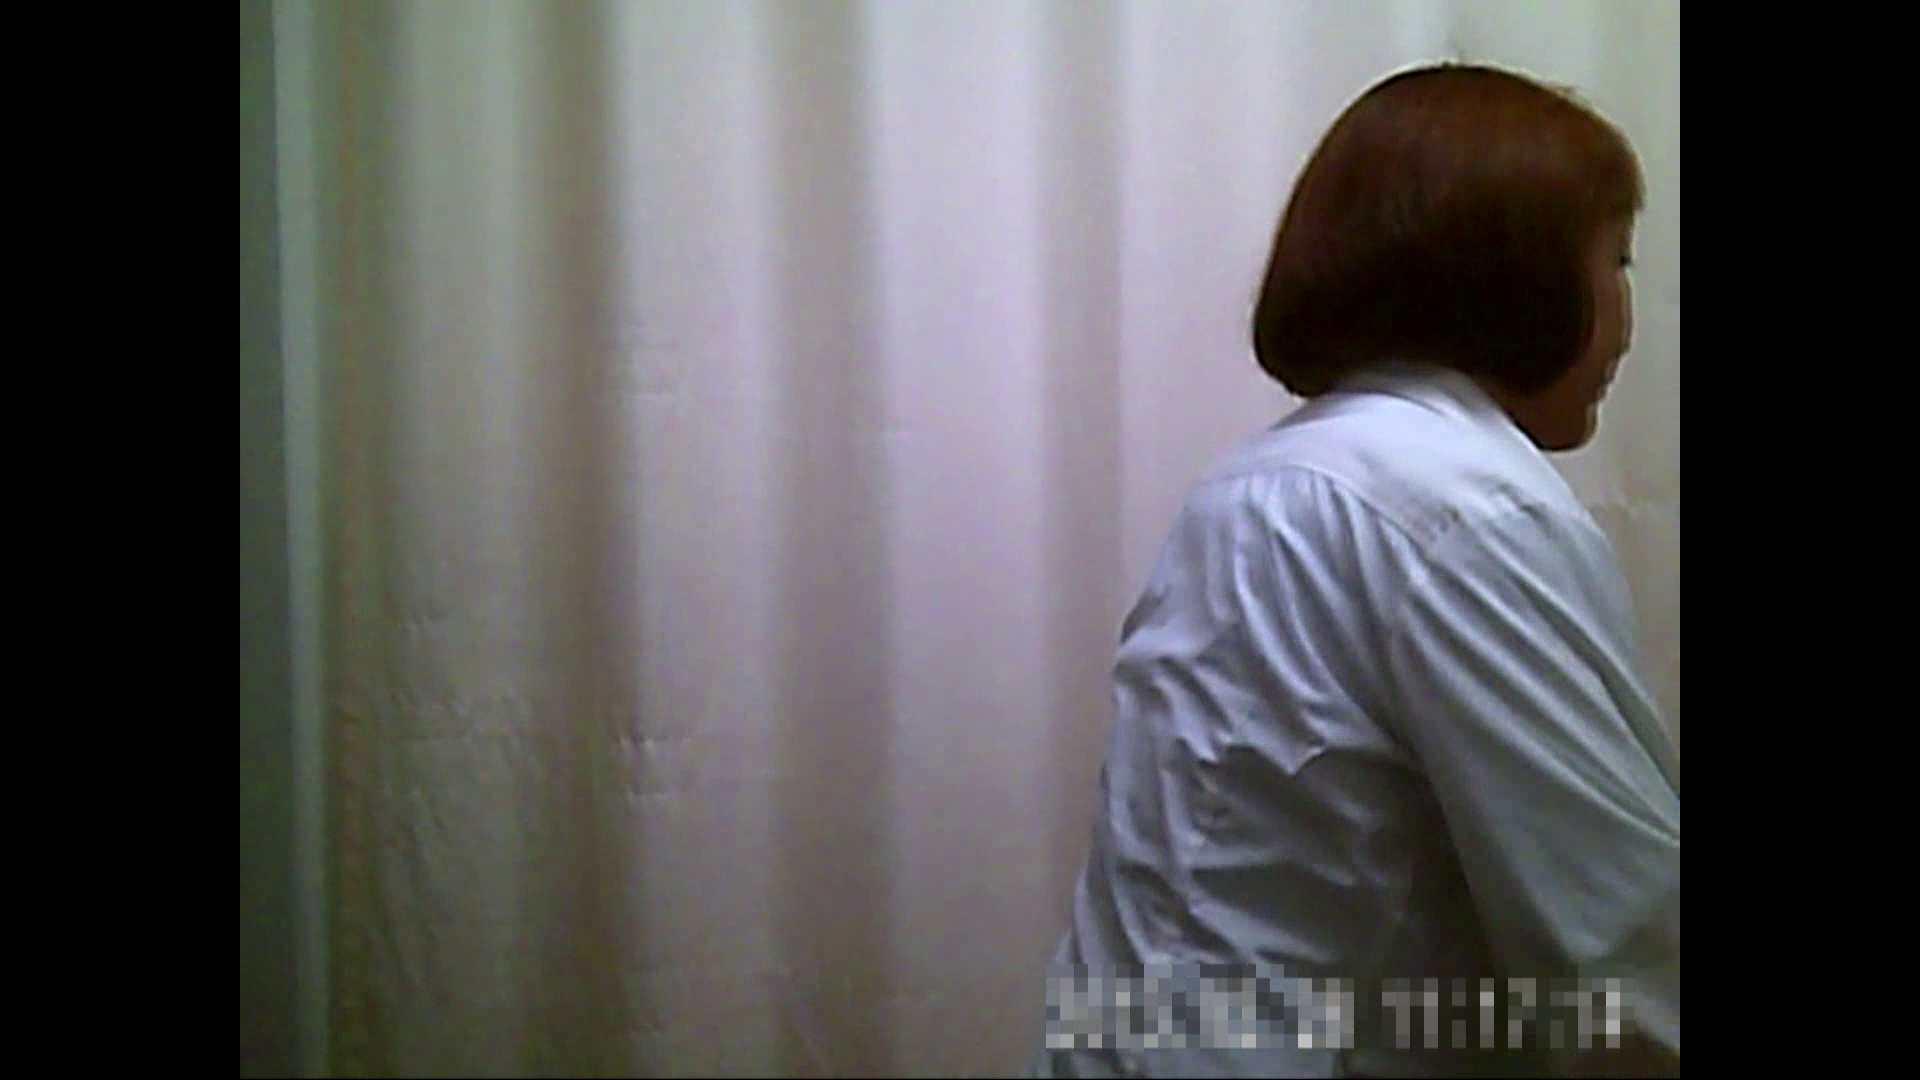 元医者による反抗 更衣室地獄絵巻 vol.103 OLハメ撮り  89Pix 47